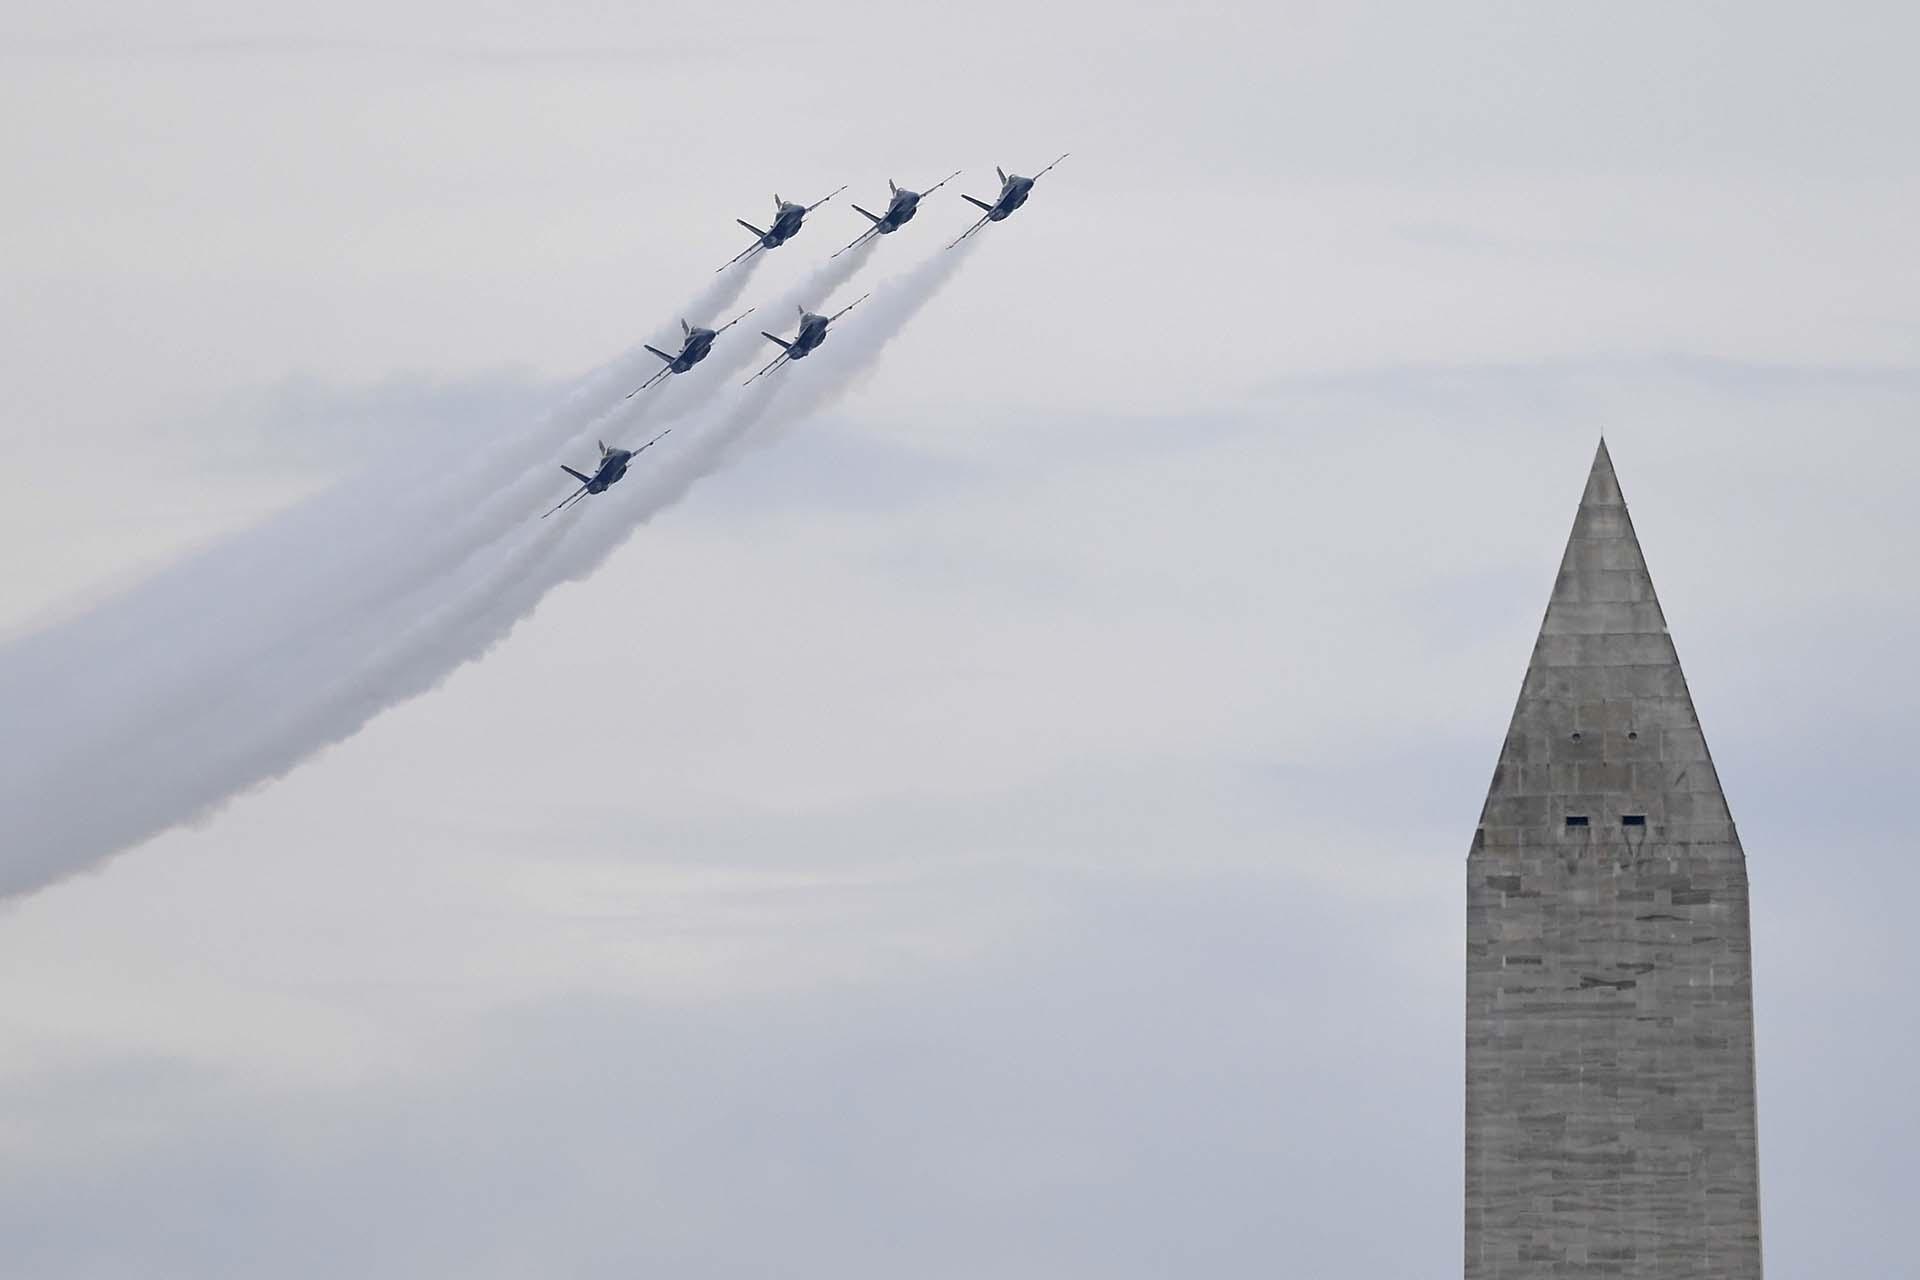 Aviones del escuadrón Blue Angels también volaron cerca del monumento a Washington